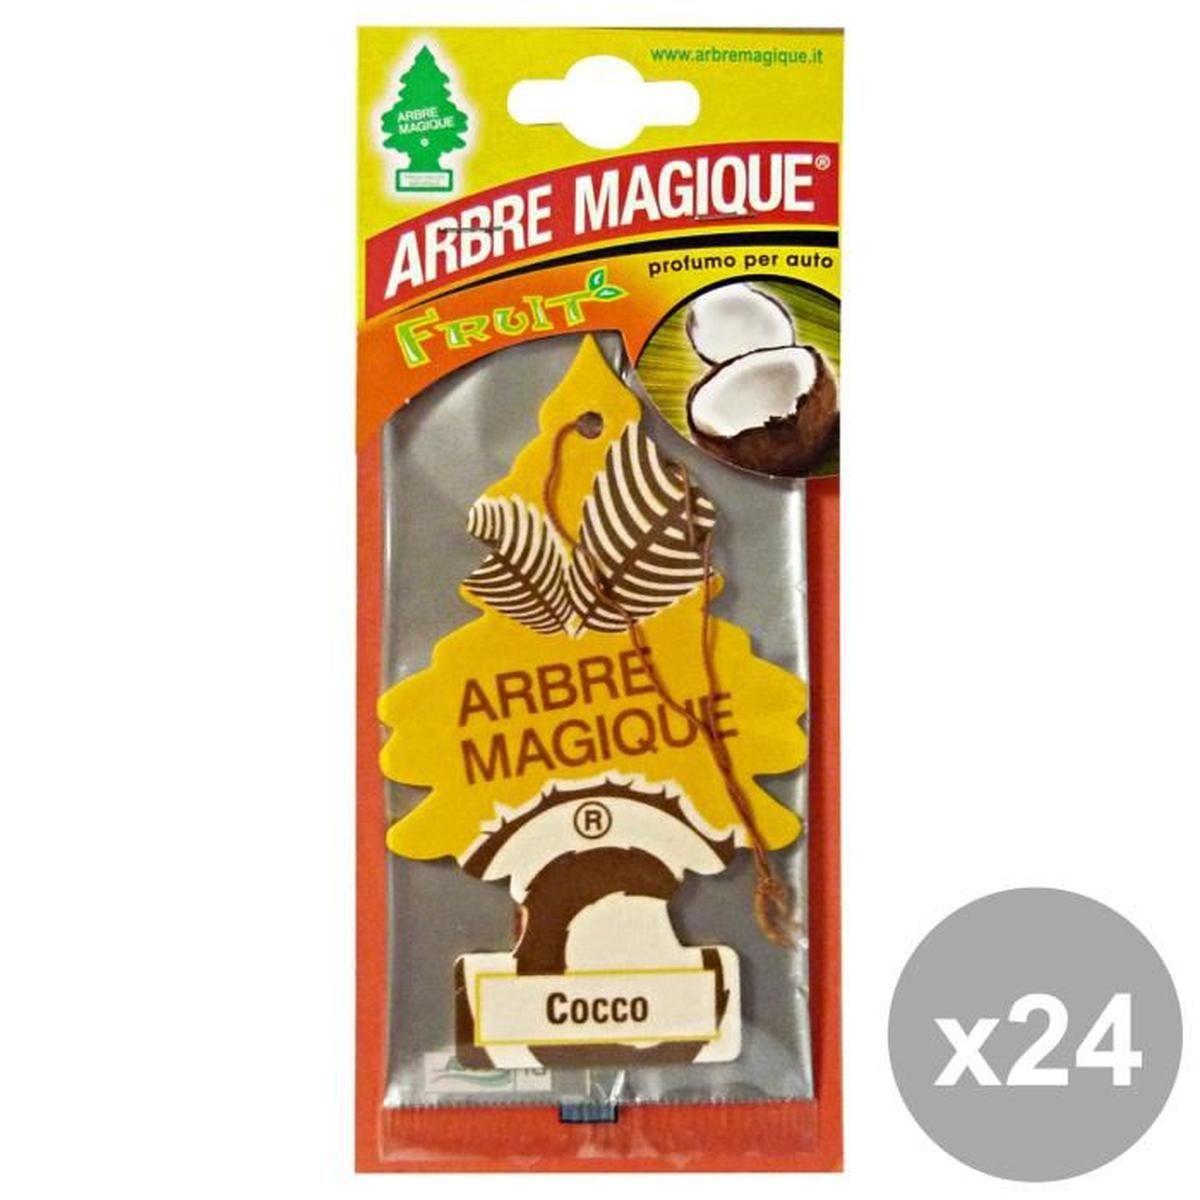 Arbre Magique Lot De 24 Déodorant Coconut Accessoires encequiconcerne Arbre Magique Voiture Personnalisé